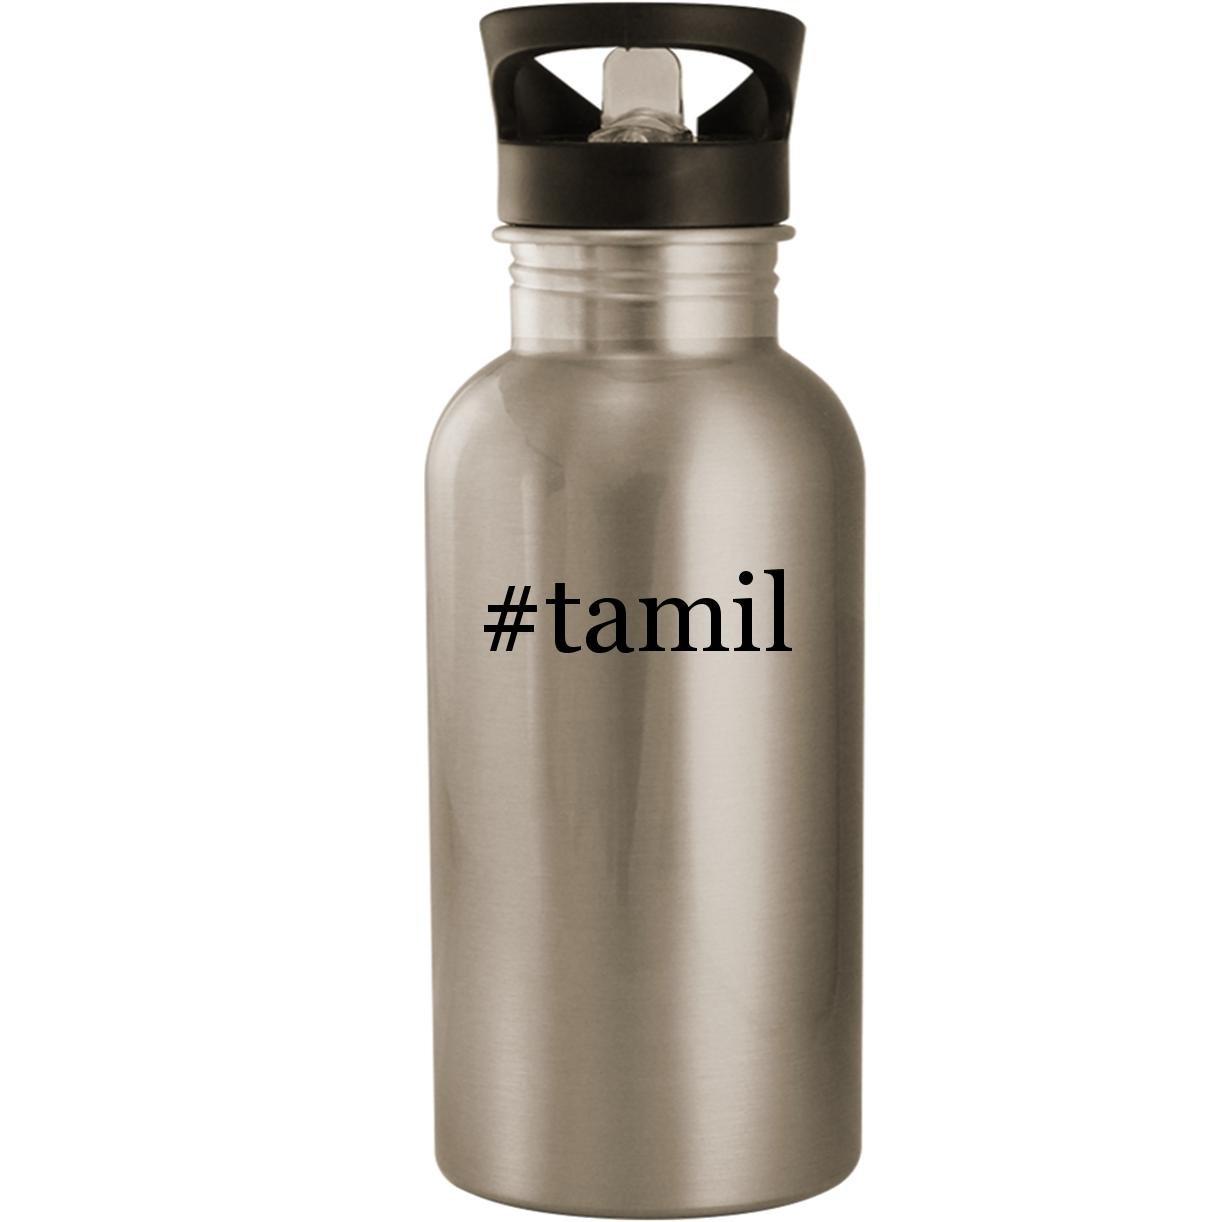 # Tamil – ステンレススチール20oz Road Ready水ボトル シルバー US-C-07-18-02-057235-04-26-18-26 B07FT99Z4C  シルバー